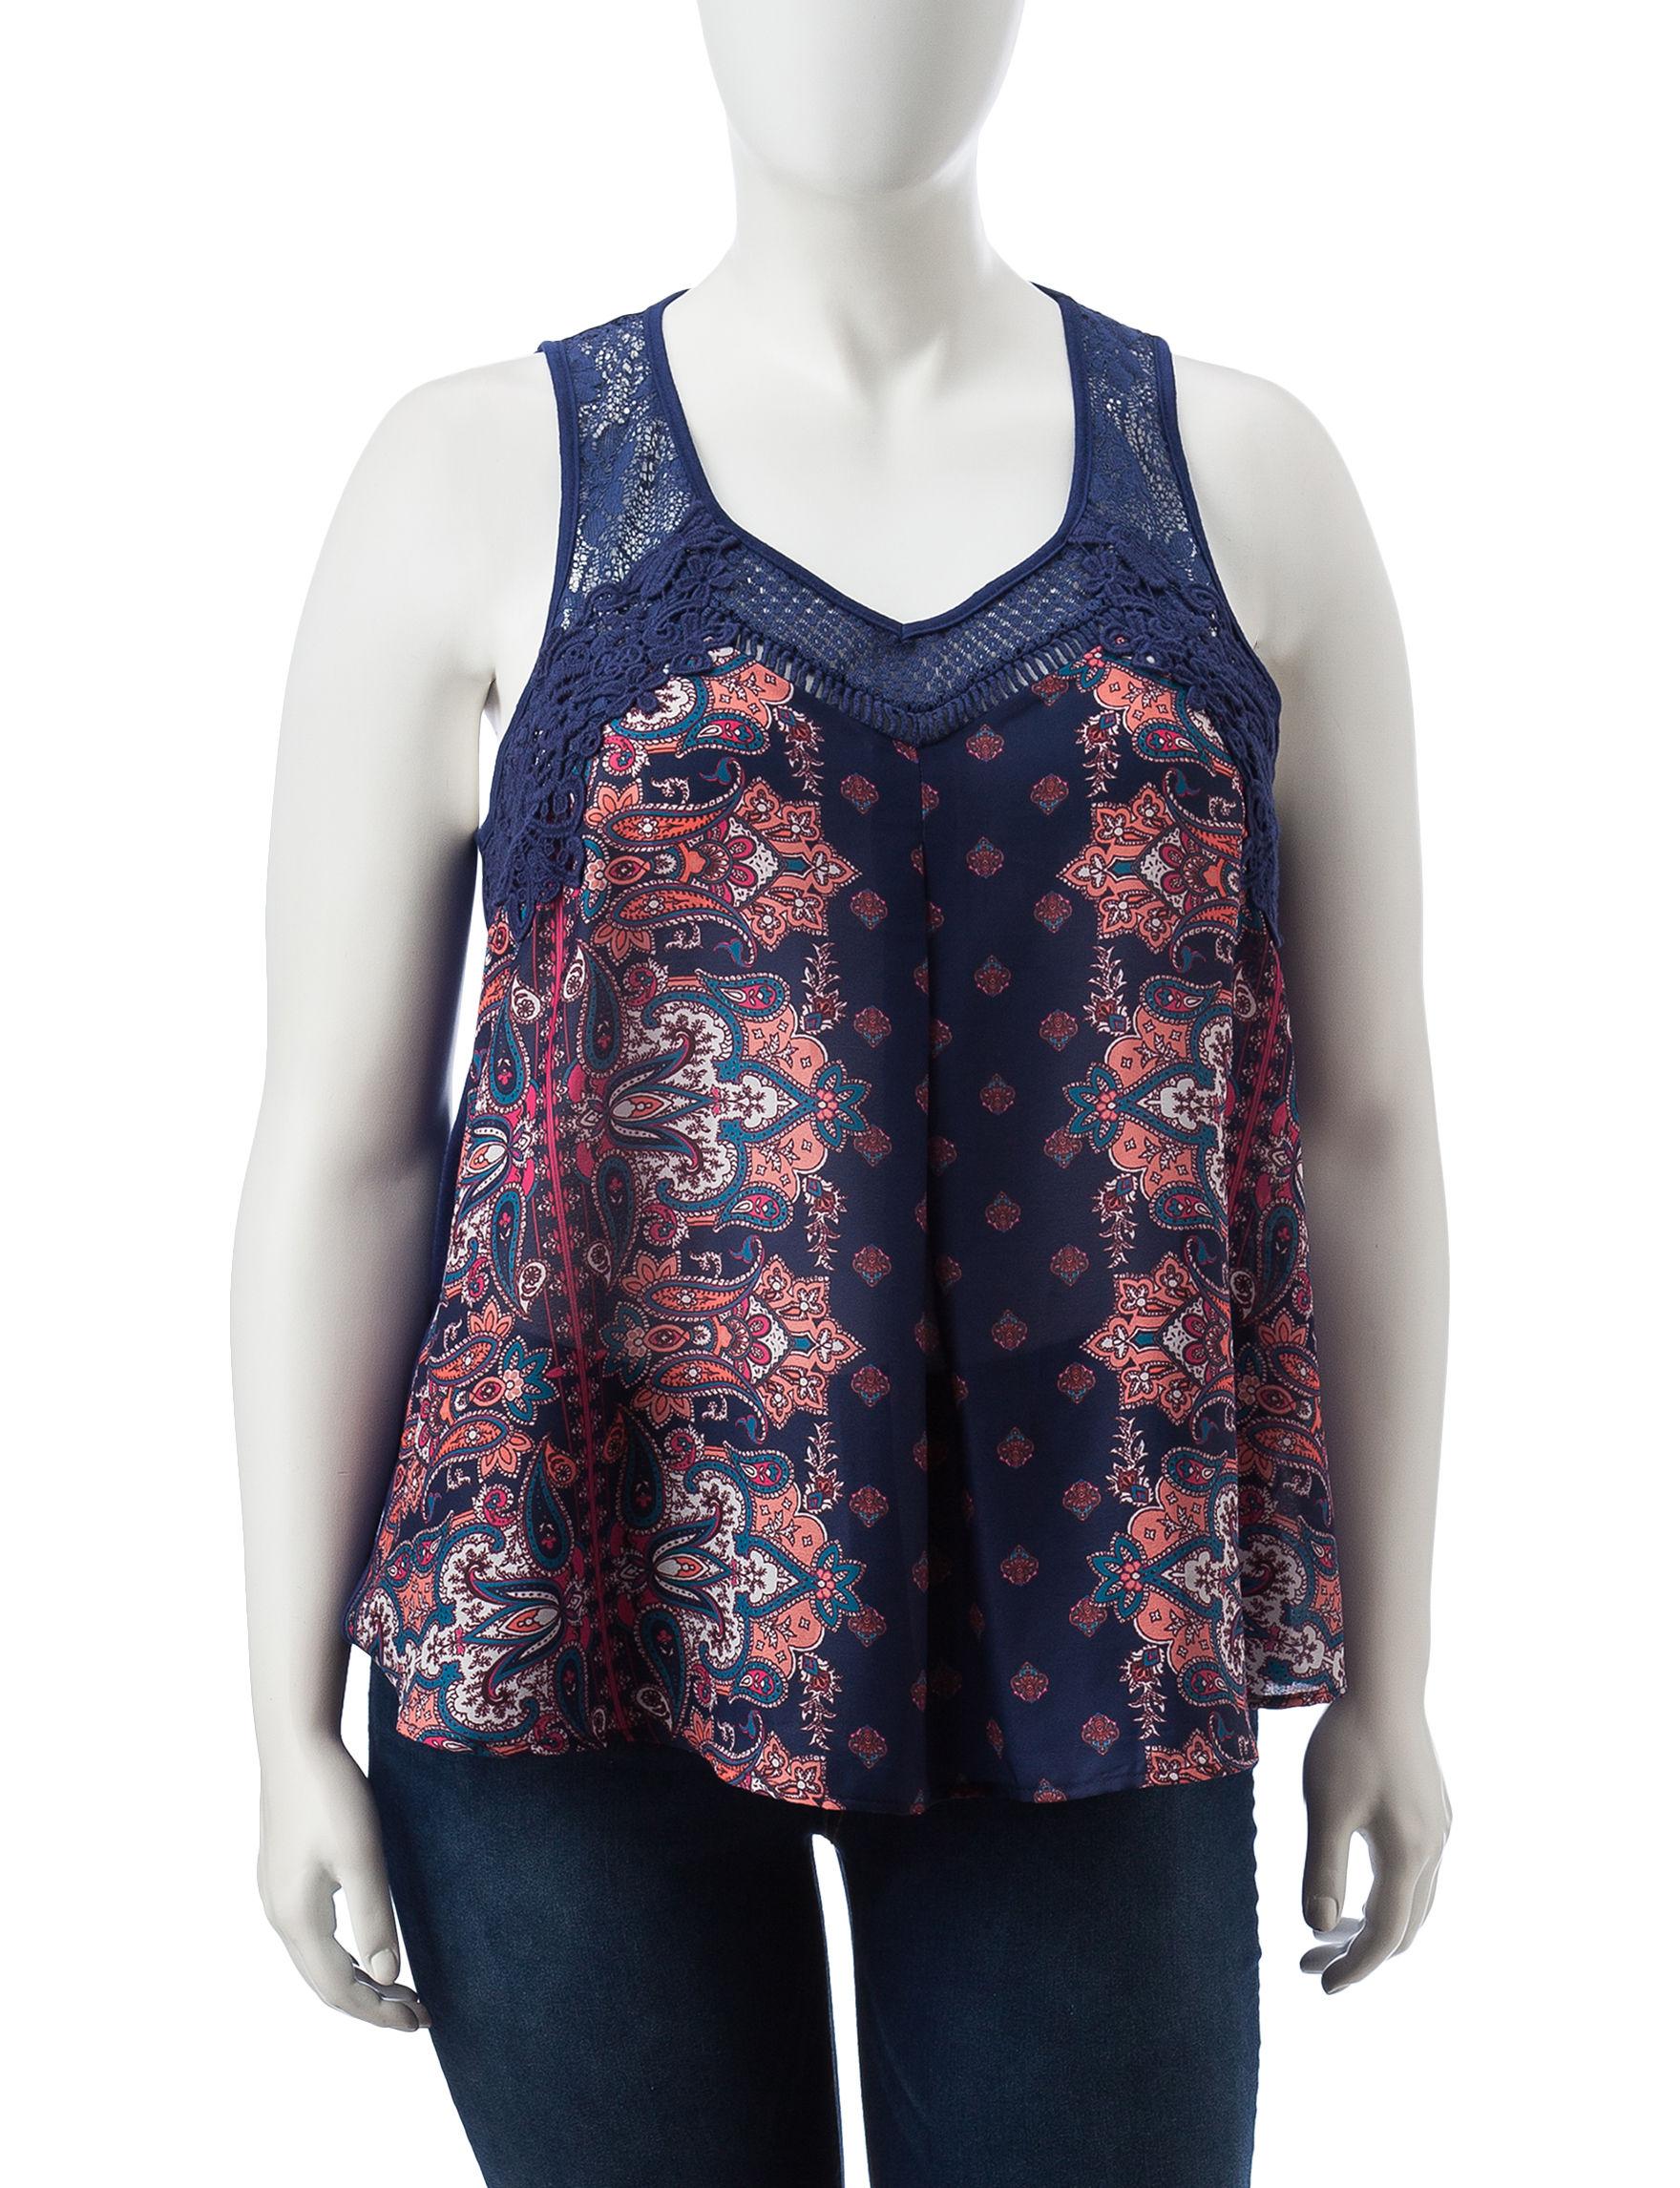 Taylor & Sage Blue Paisley Shirts & Blouses Tees & Tanks